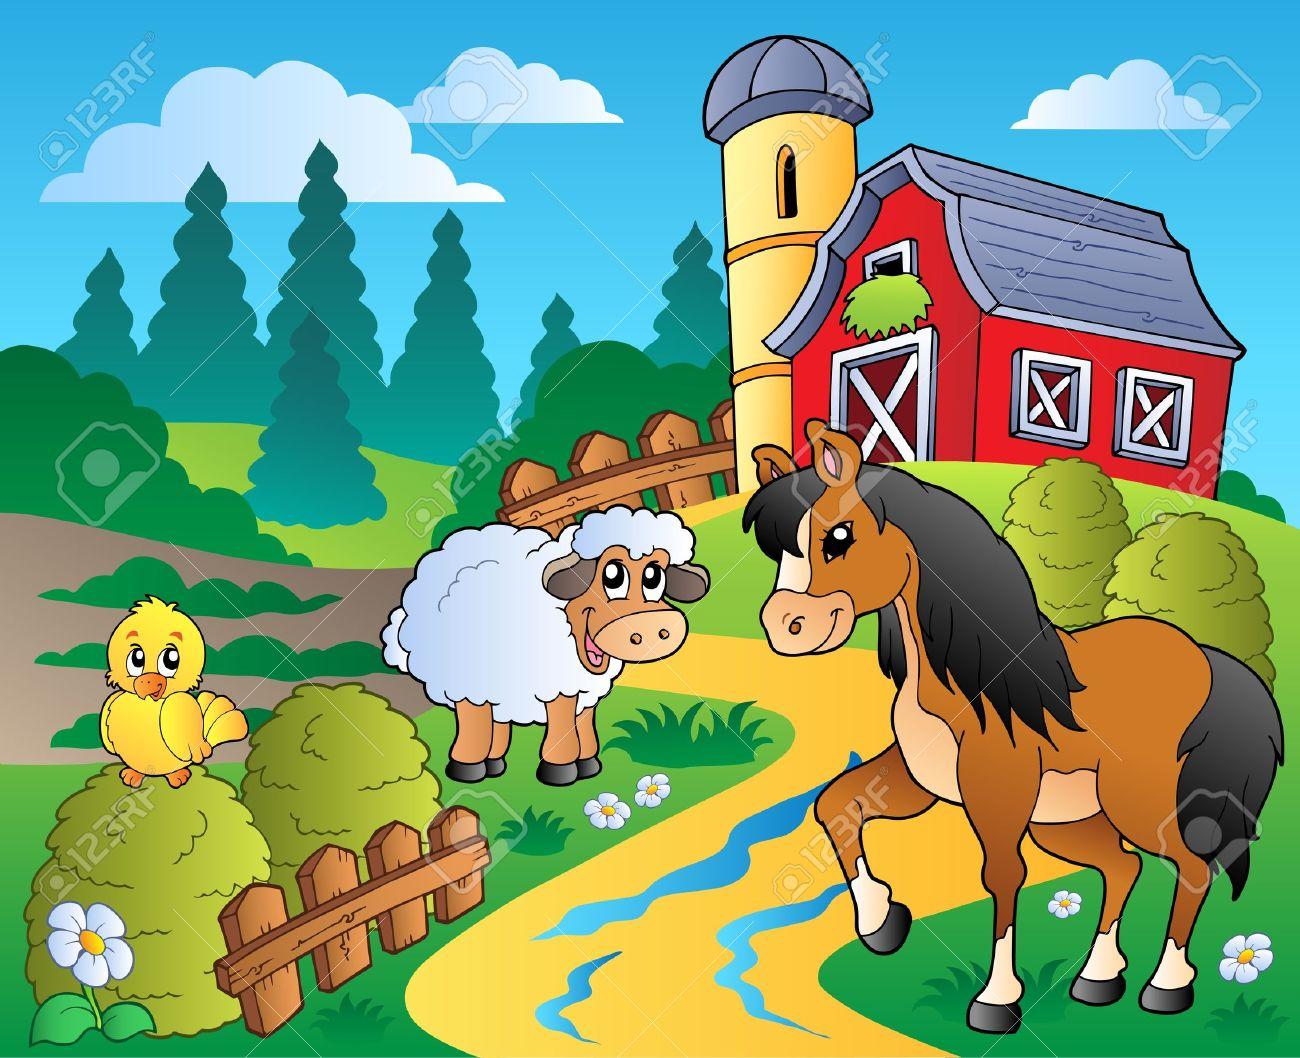 Farm scene clipart - Clipground